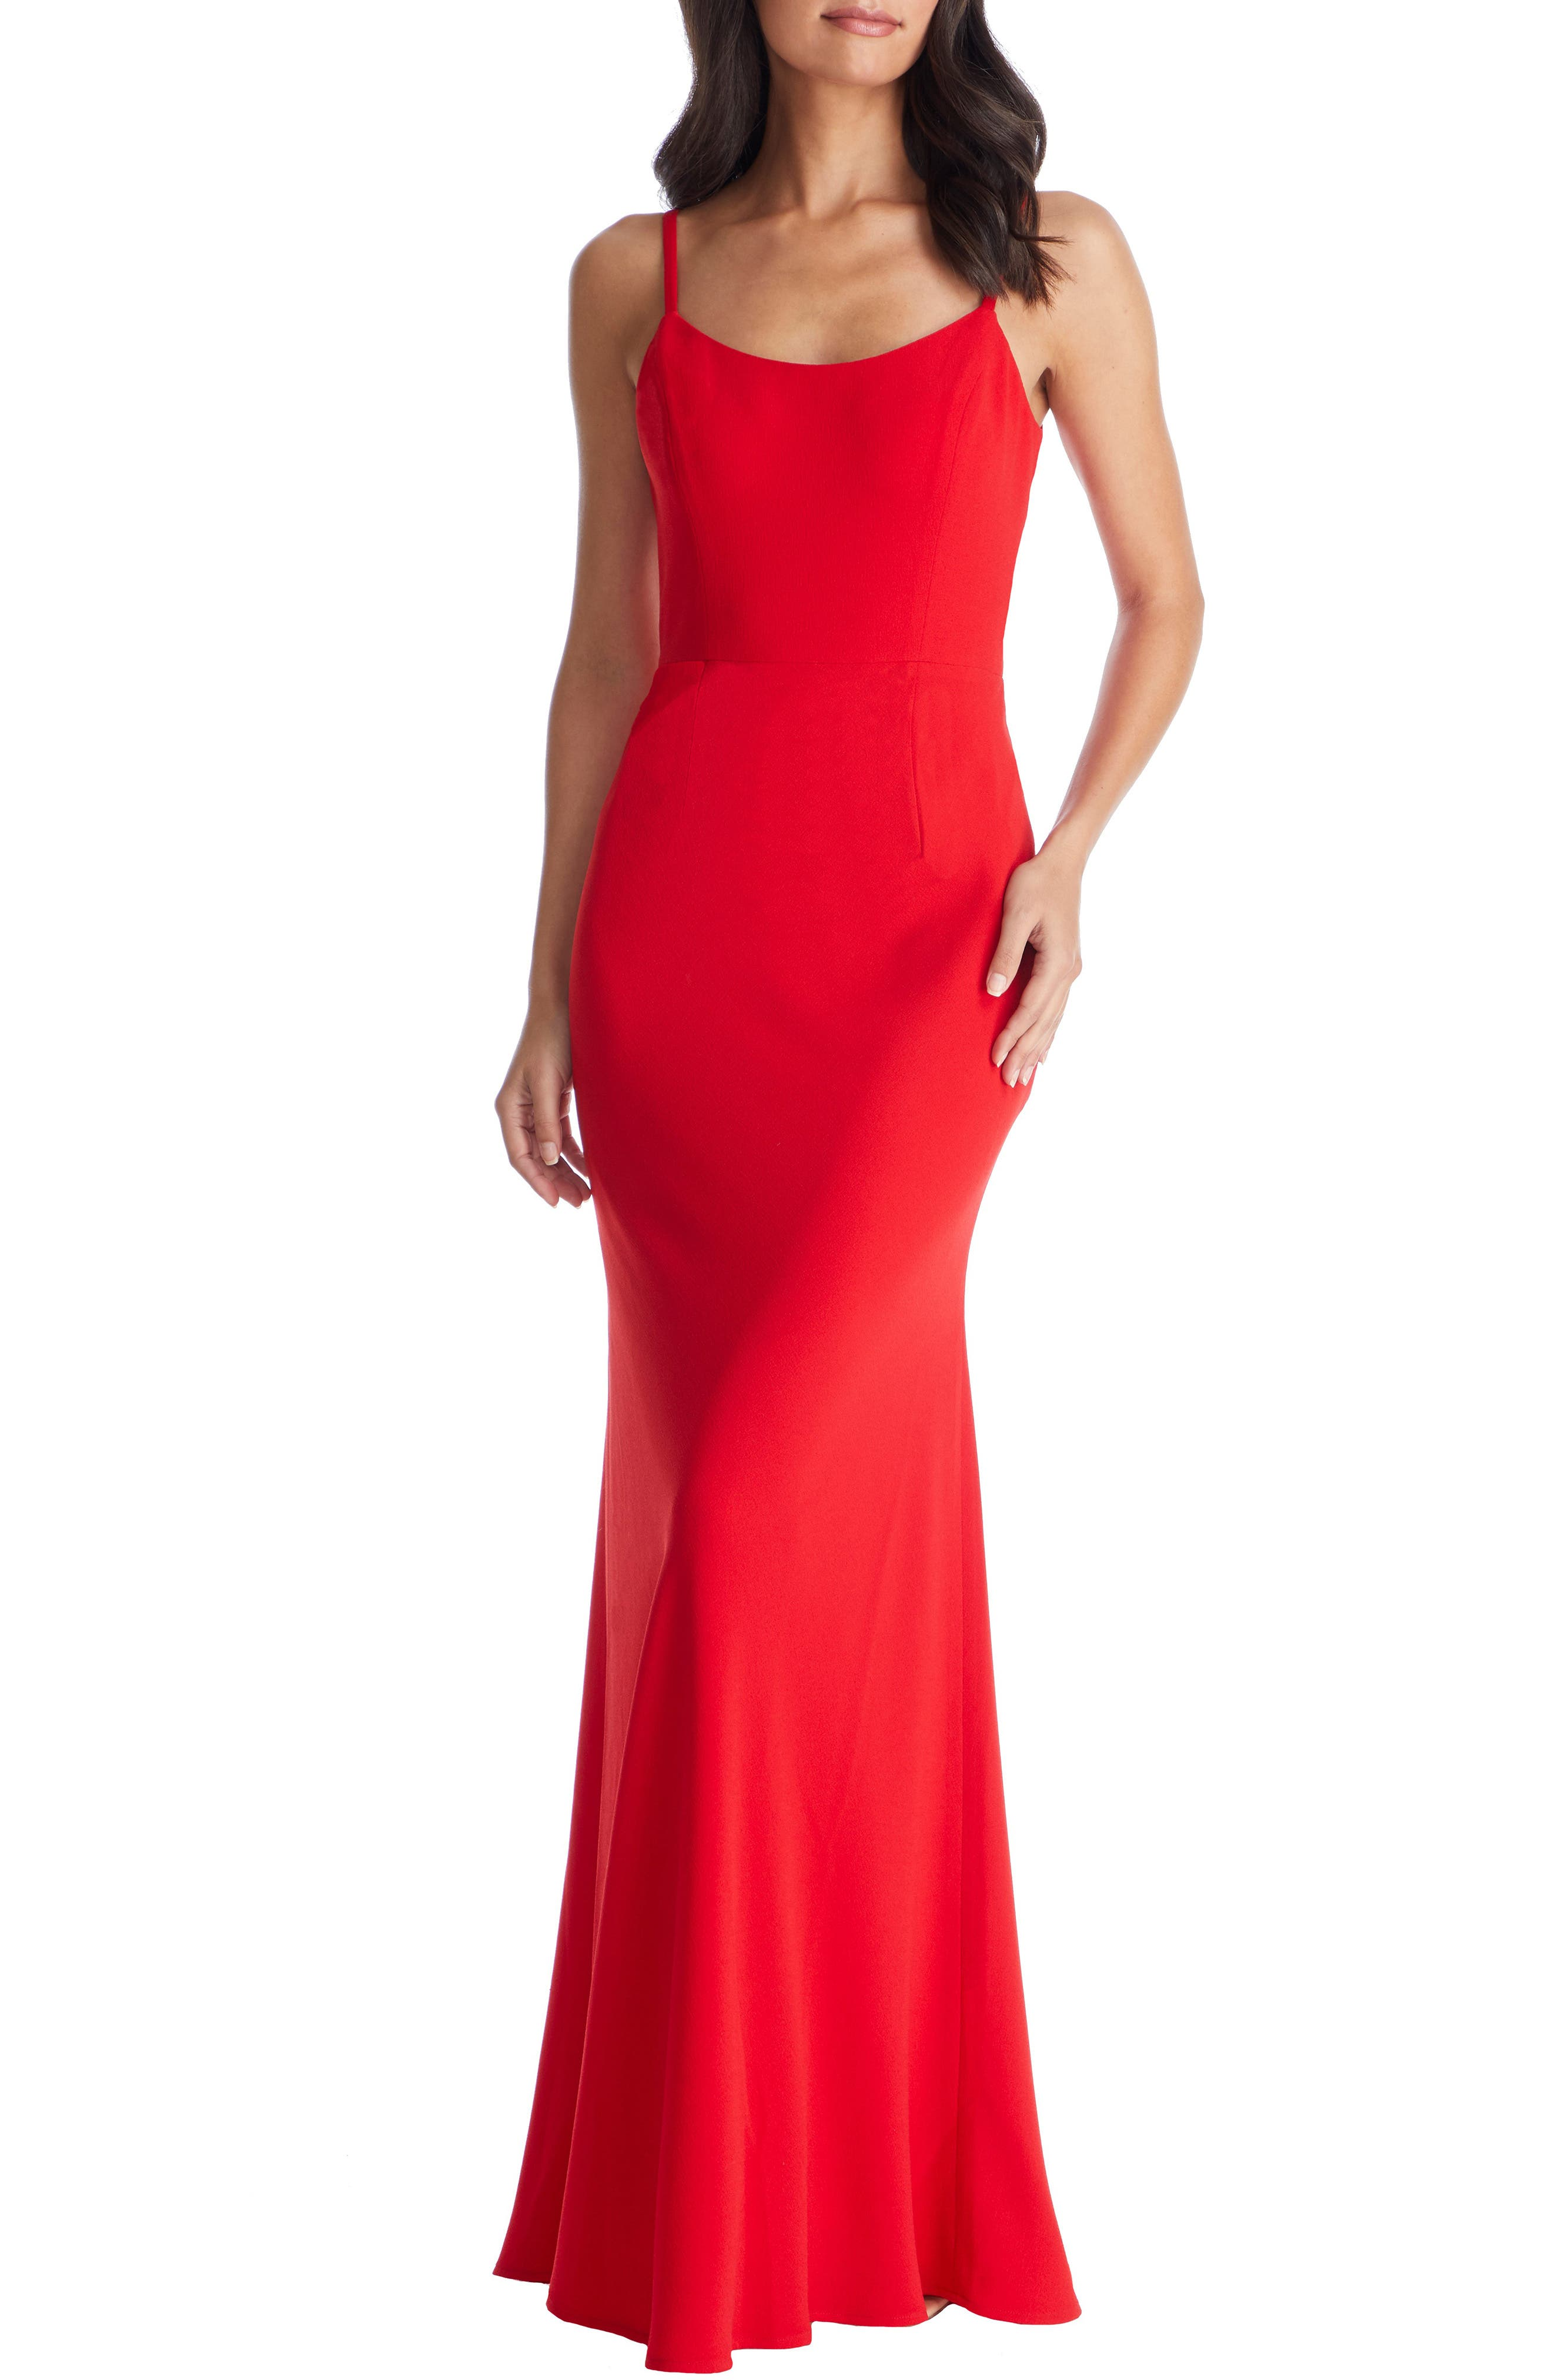 Silver Satin Formal Dresses eBay